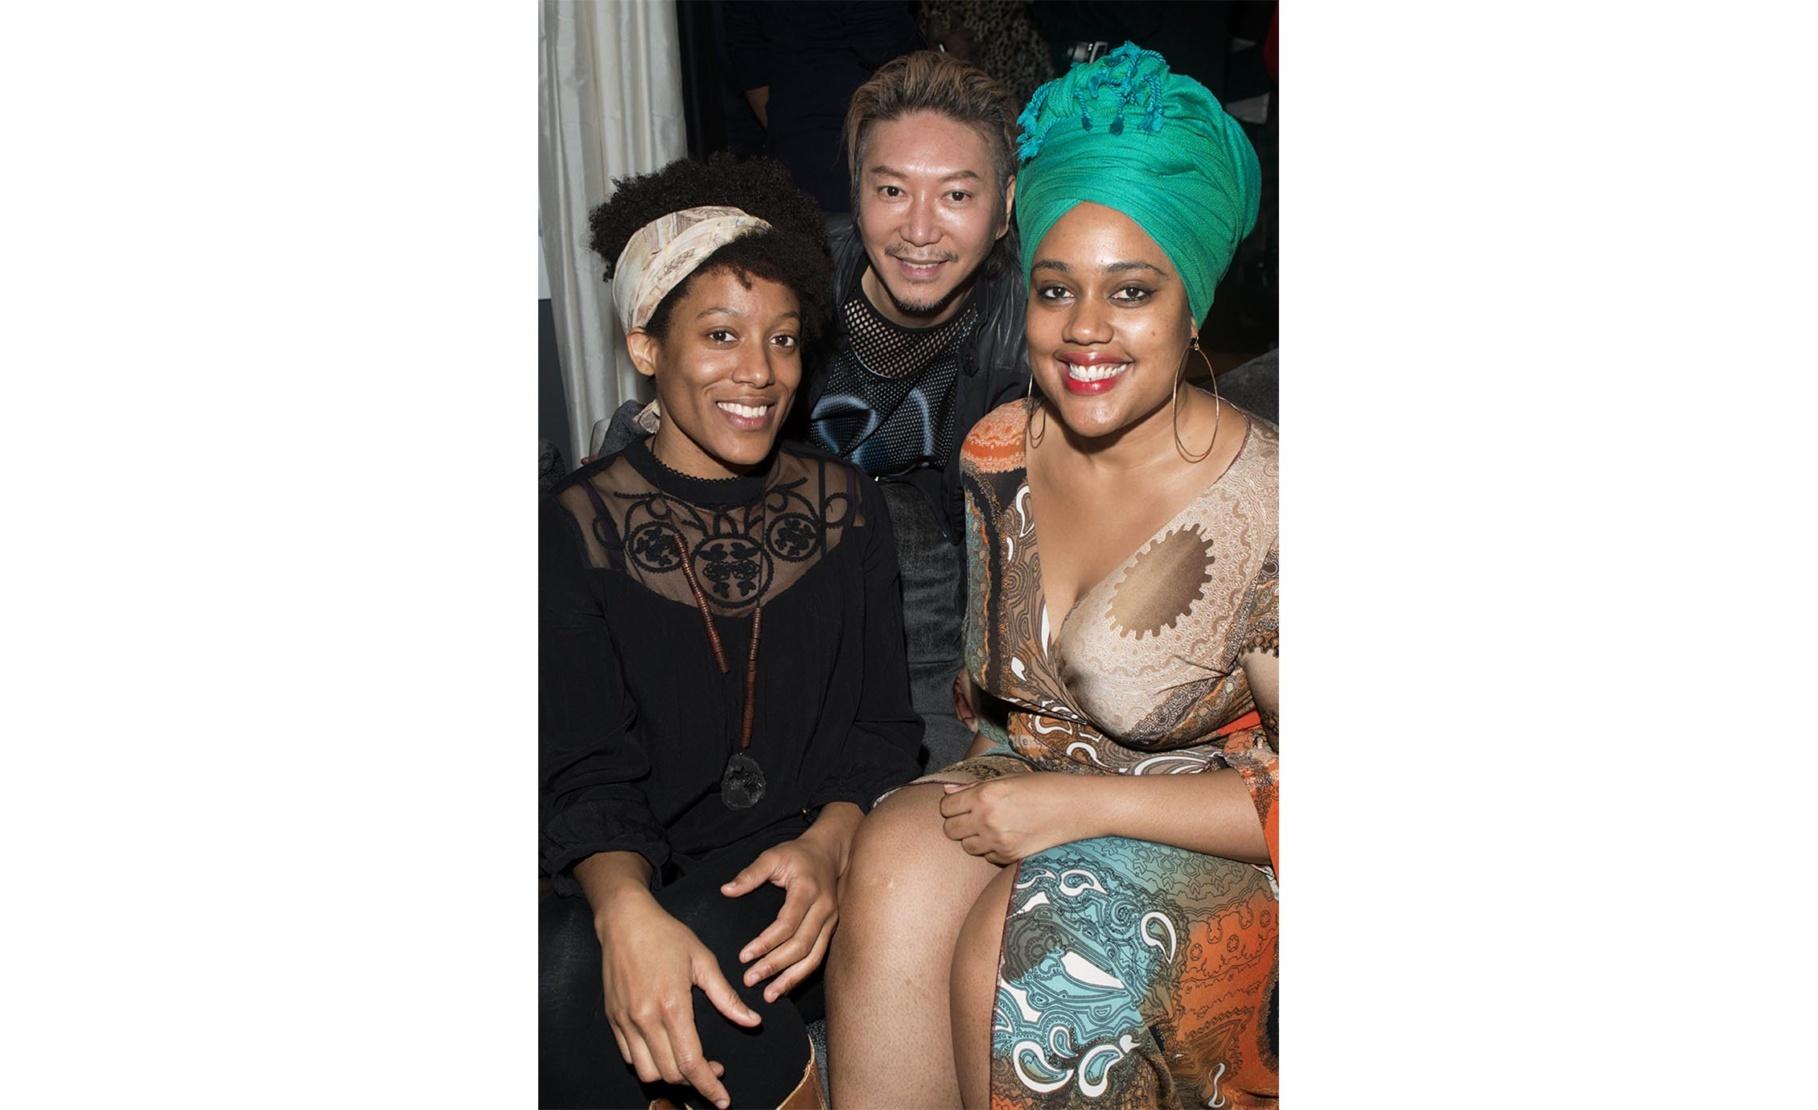 Jamilah Sabur, Hau Nguyen and Veronica Mills